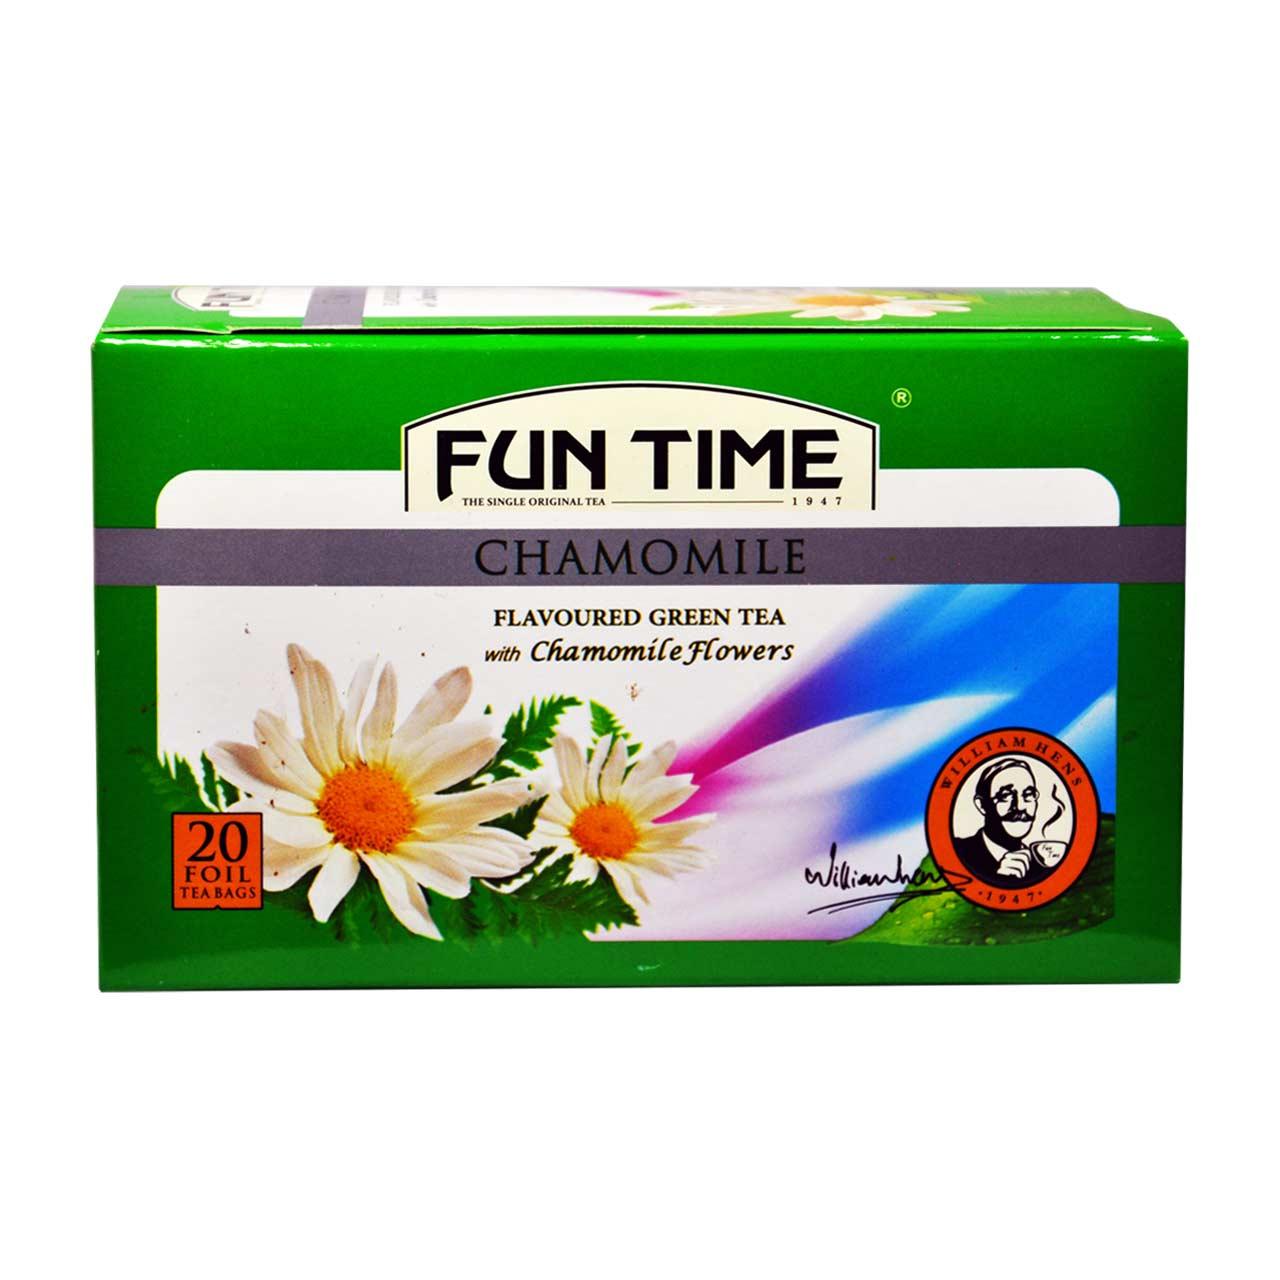 چای سبز تی بگ با گل بابونه فان تایم – fun time